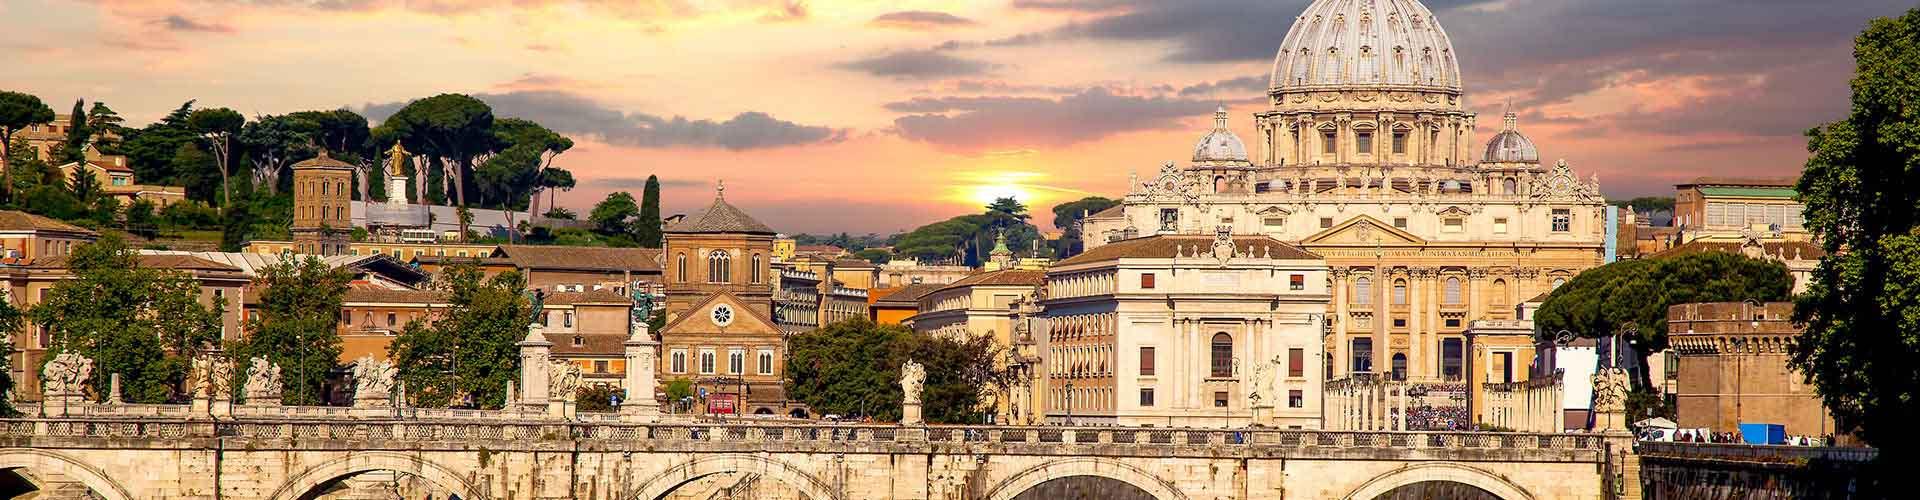 ローマ – ホテル ローマ. 地図 ローマ, すべてのホテルの写真とレビュー ローマ.